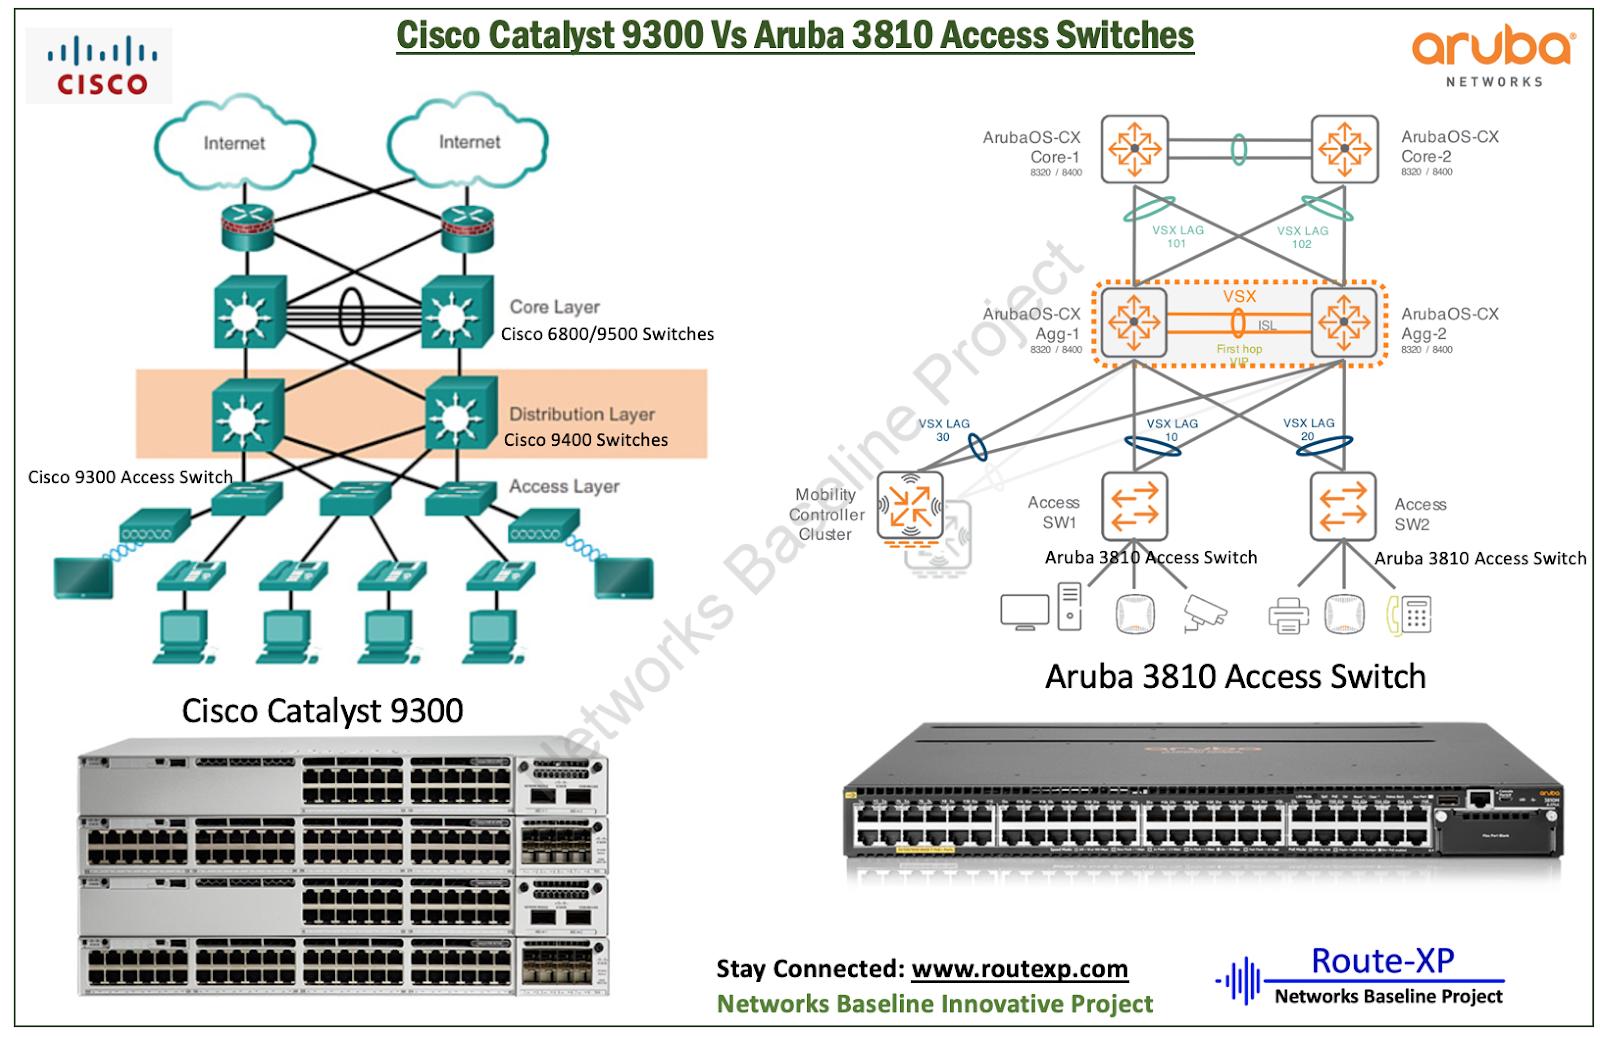 Cisco Catalyst 9300 Vs Aruba 3810 Access Switches - Route XP